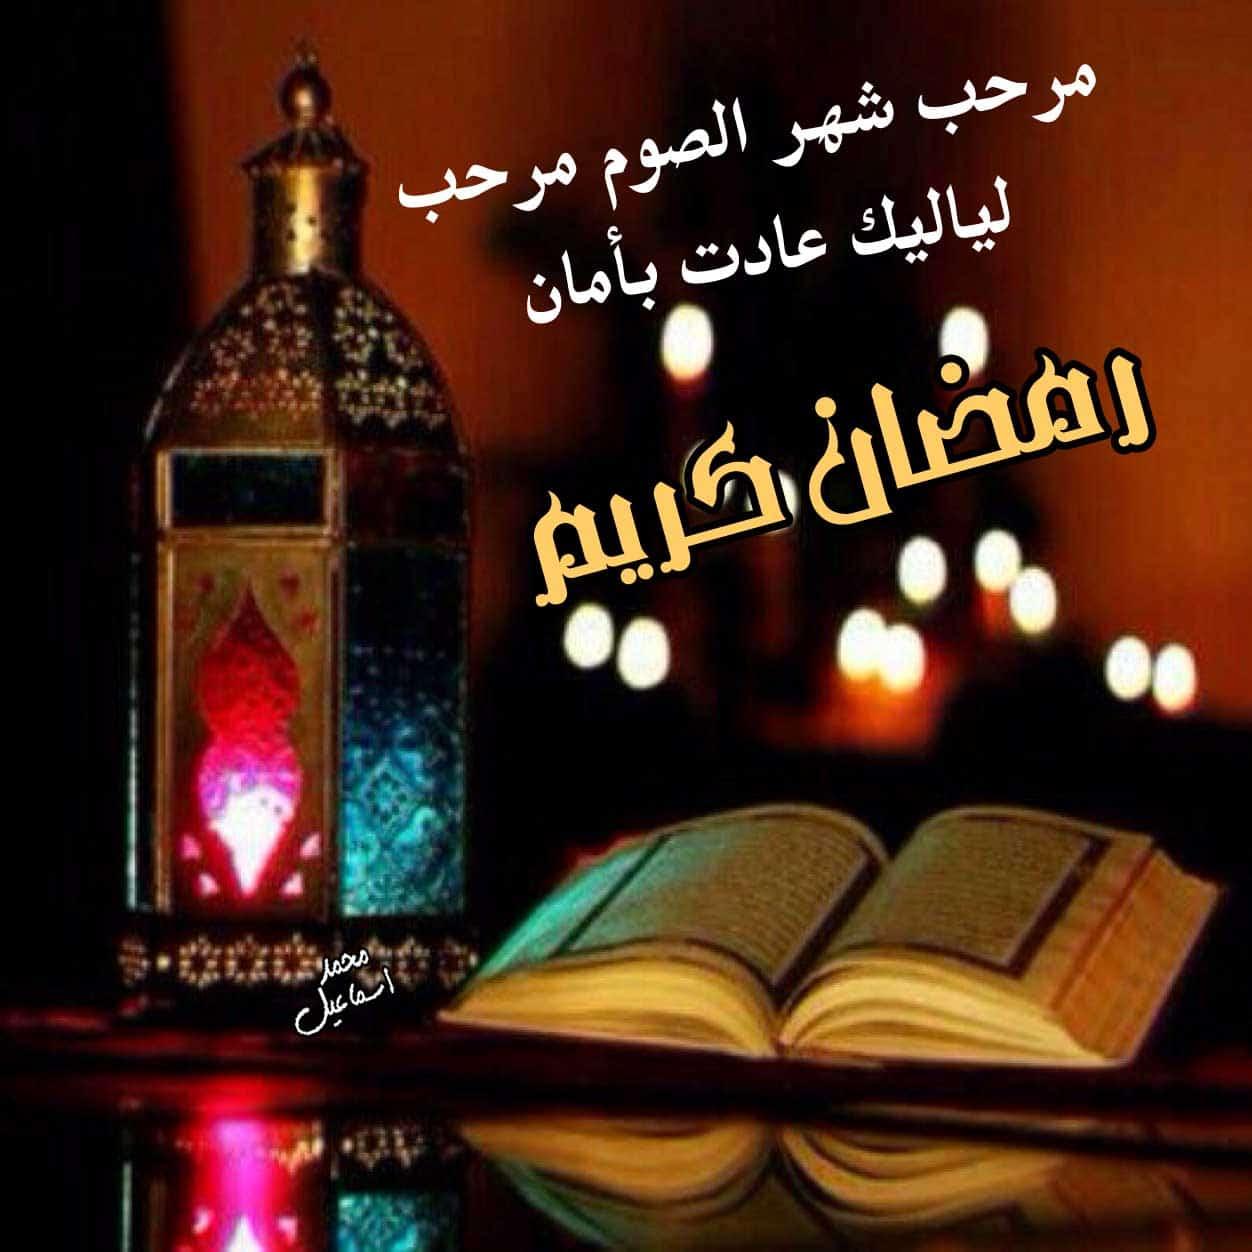 صورة صور شهر رمضان , اجمل صور رمضانية